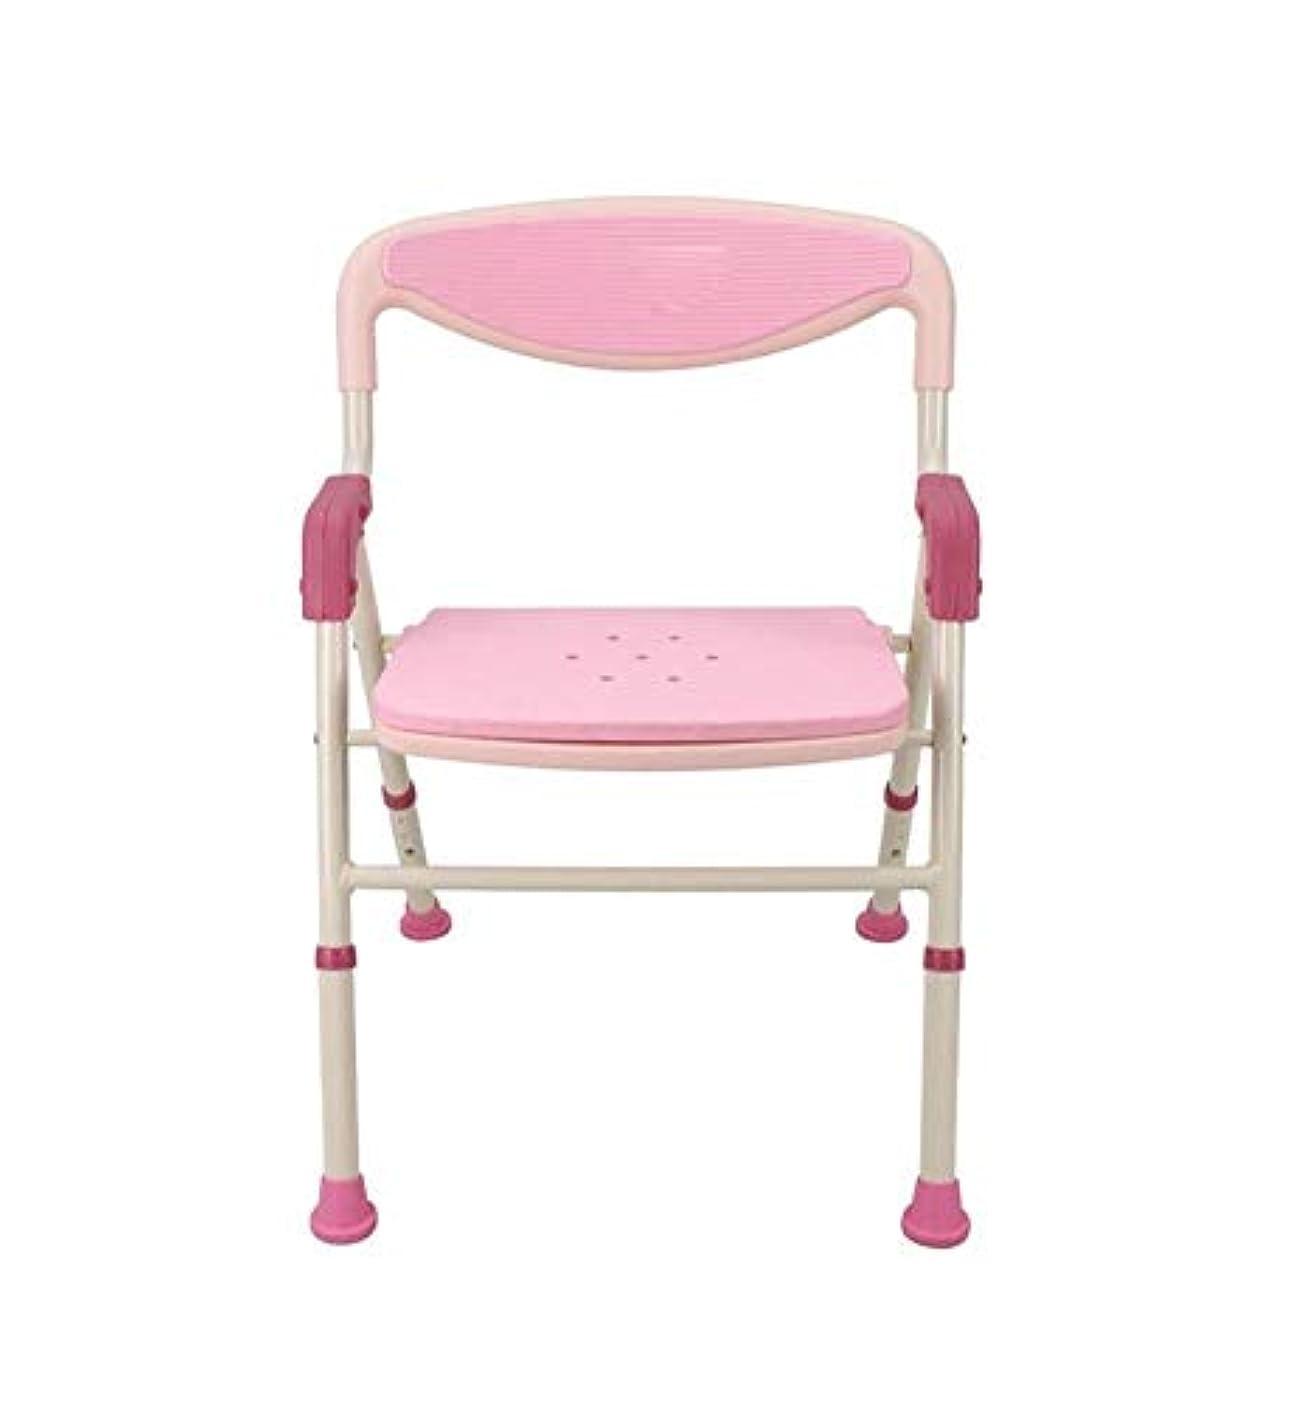 さわやかキャンディー論理的にトイレチェアハンディキャップ用折りたたみ椅子 (Color : ピンク)